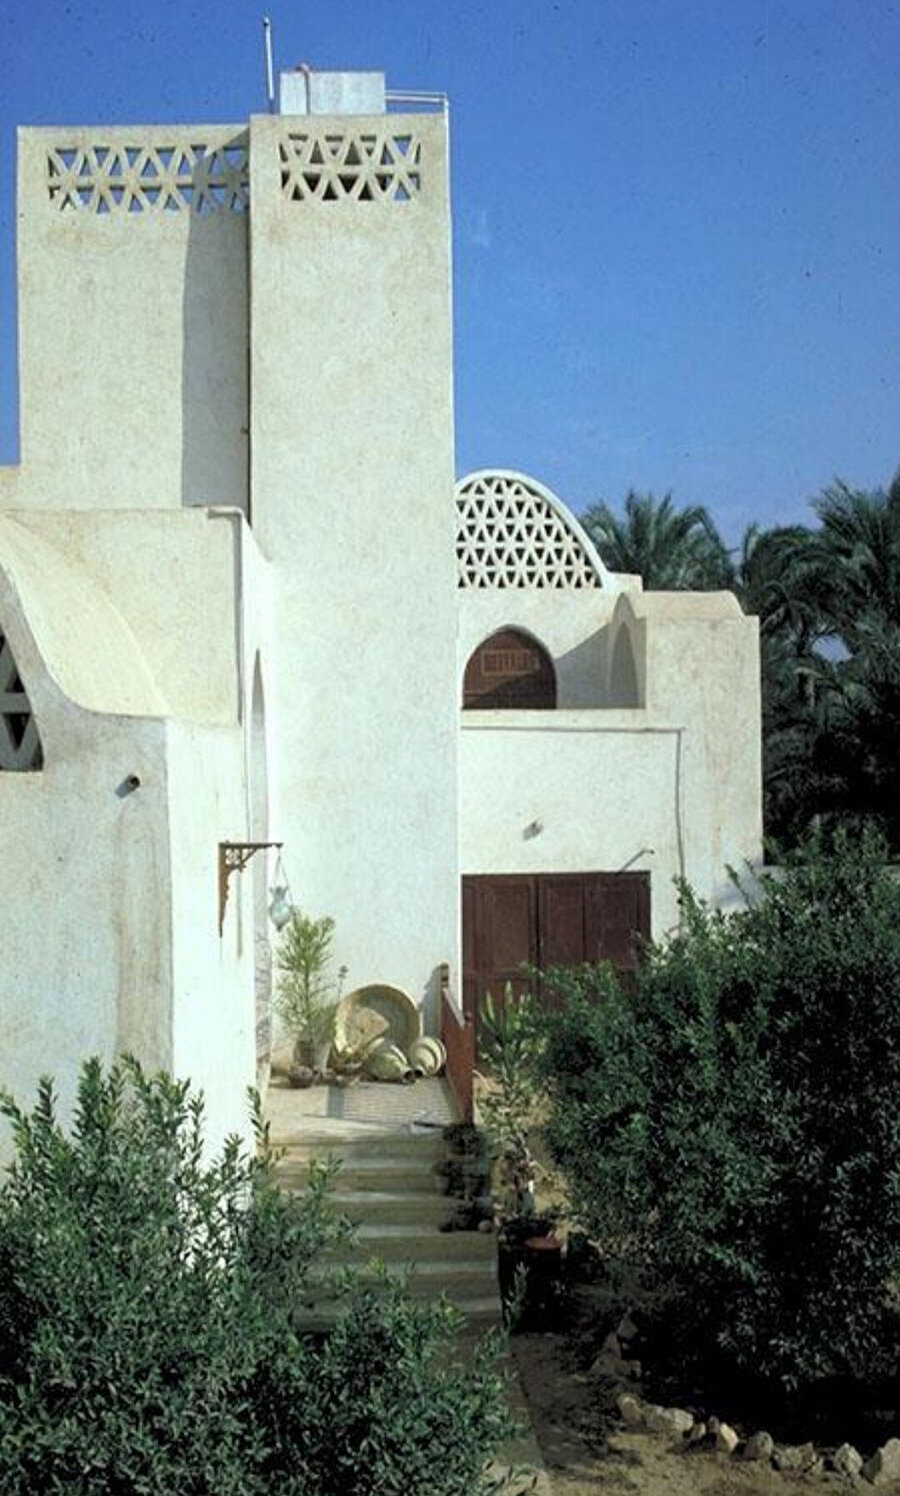 Akil Sami Evi, 1978. Yerel yönetiminin kerpiçi yasaklamış olması sebebiyle yerel kireç taşından yapılmış.